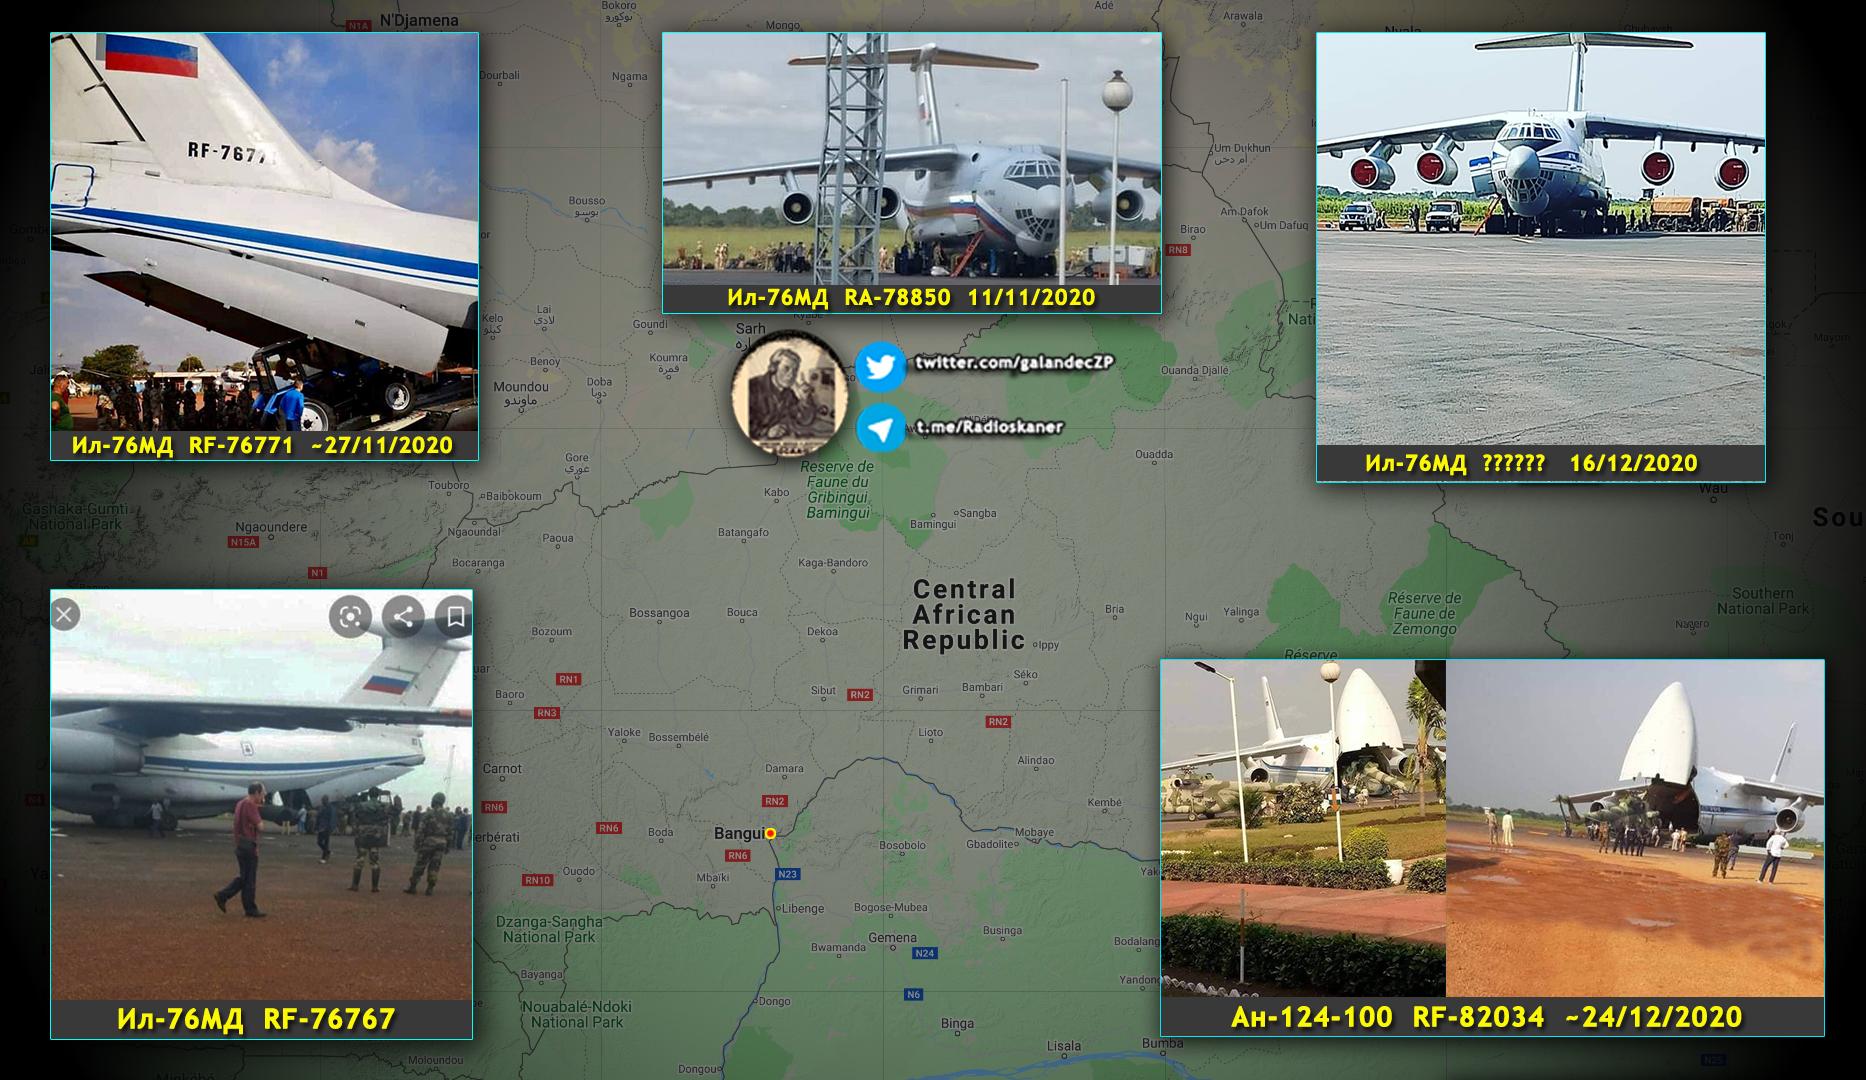 A Közép-Afrikába az elmúlt időszakban érkező orosz szállító repülőgépek és szállítmányaik #moszkvater